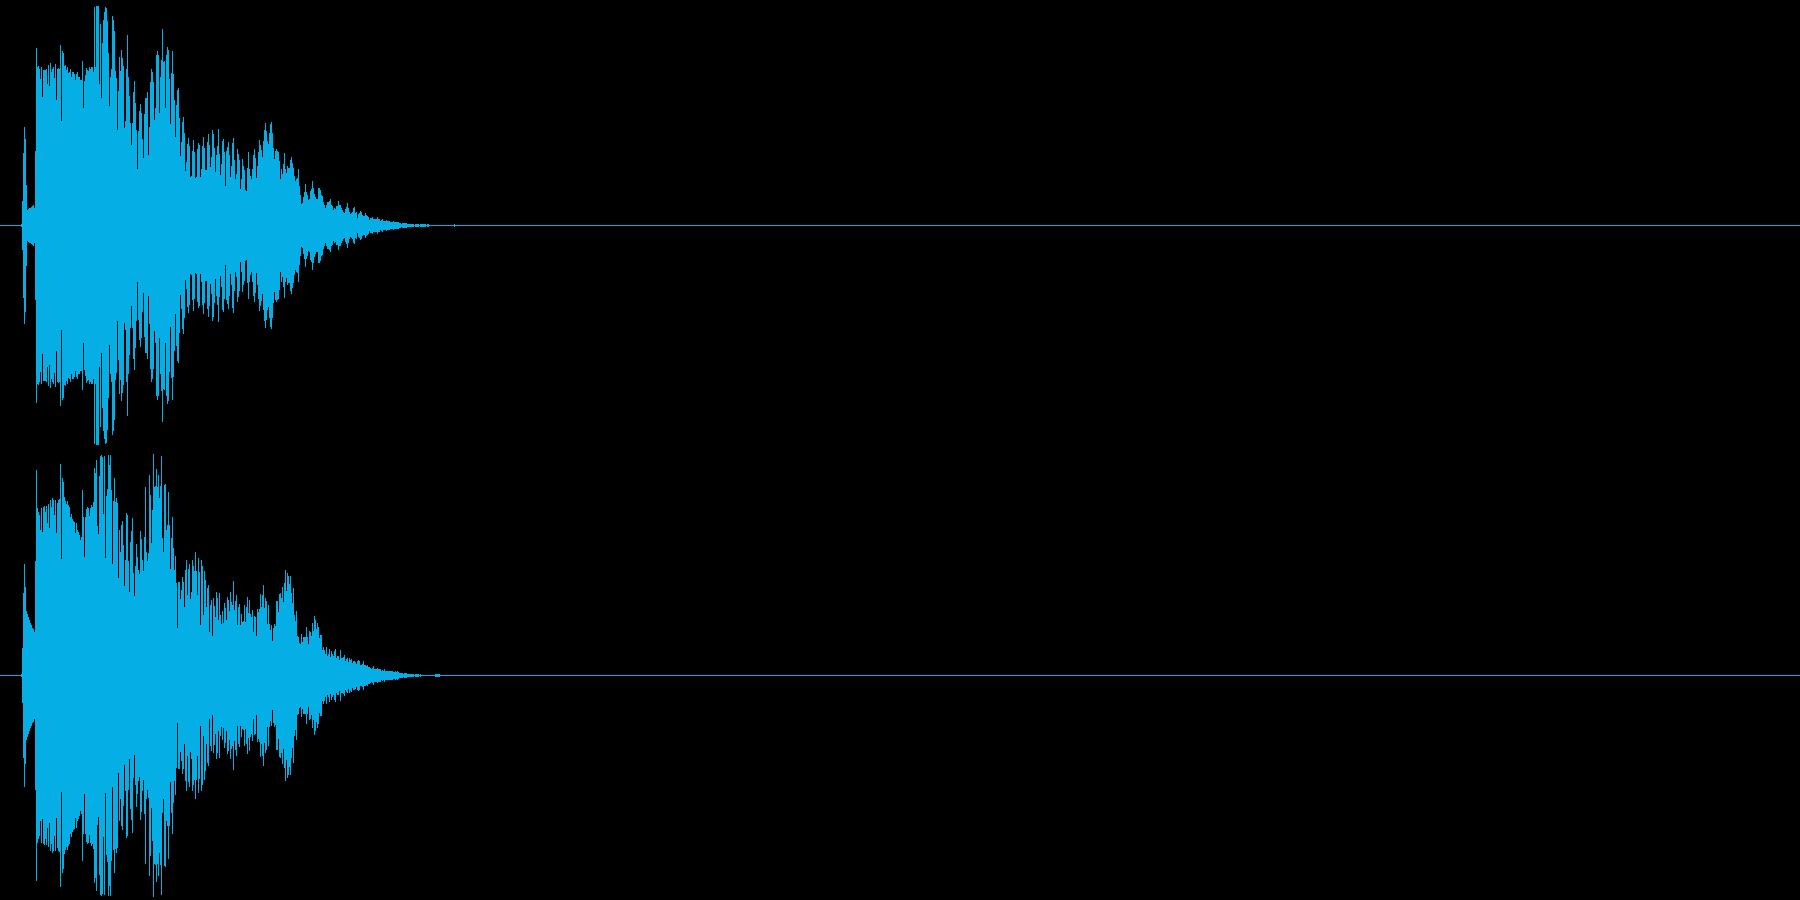 アニメ/漫符/動画/はてな/疑問_000の再生済みの波形